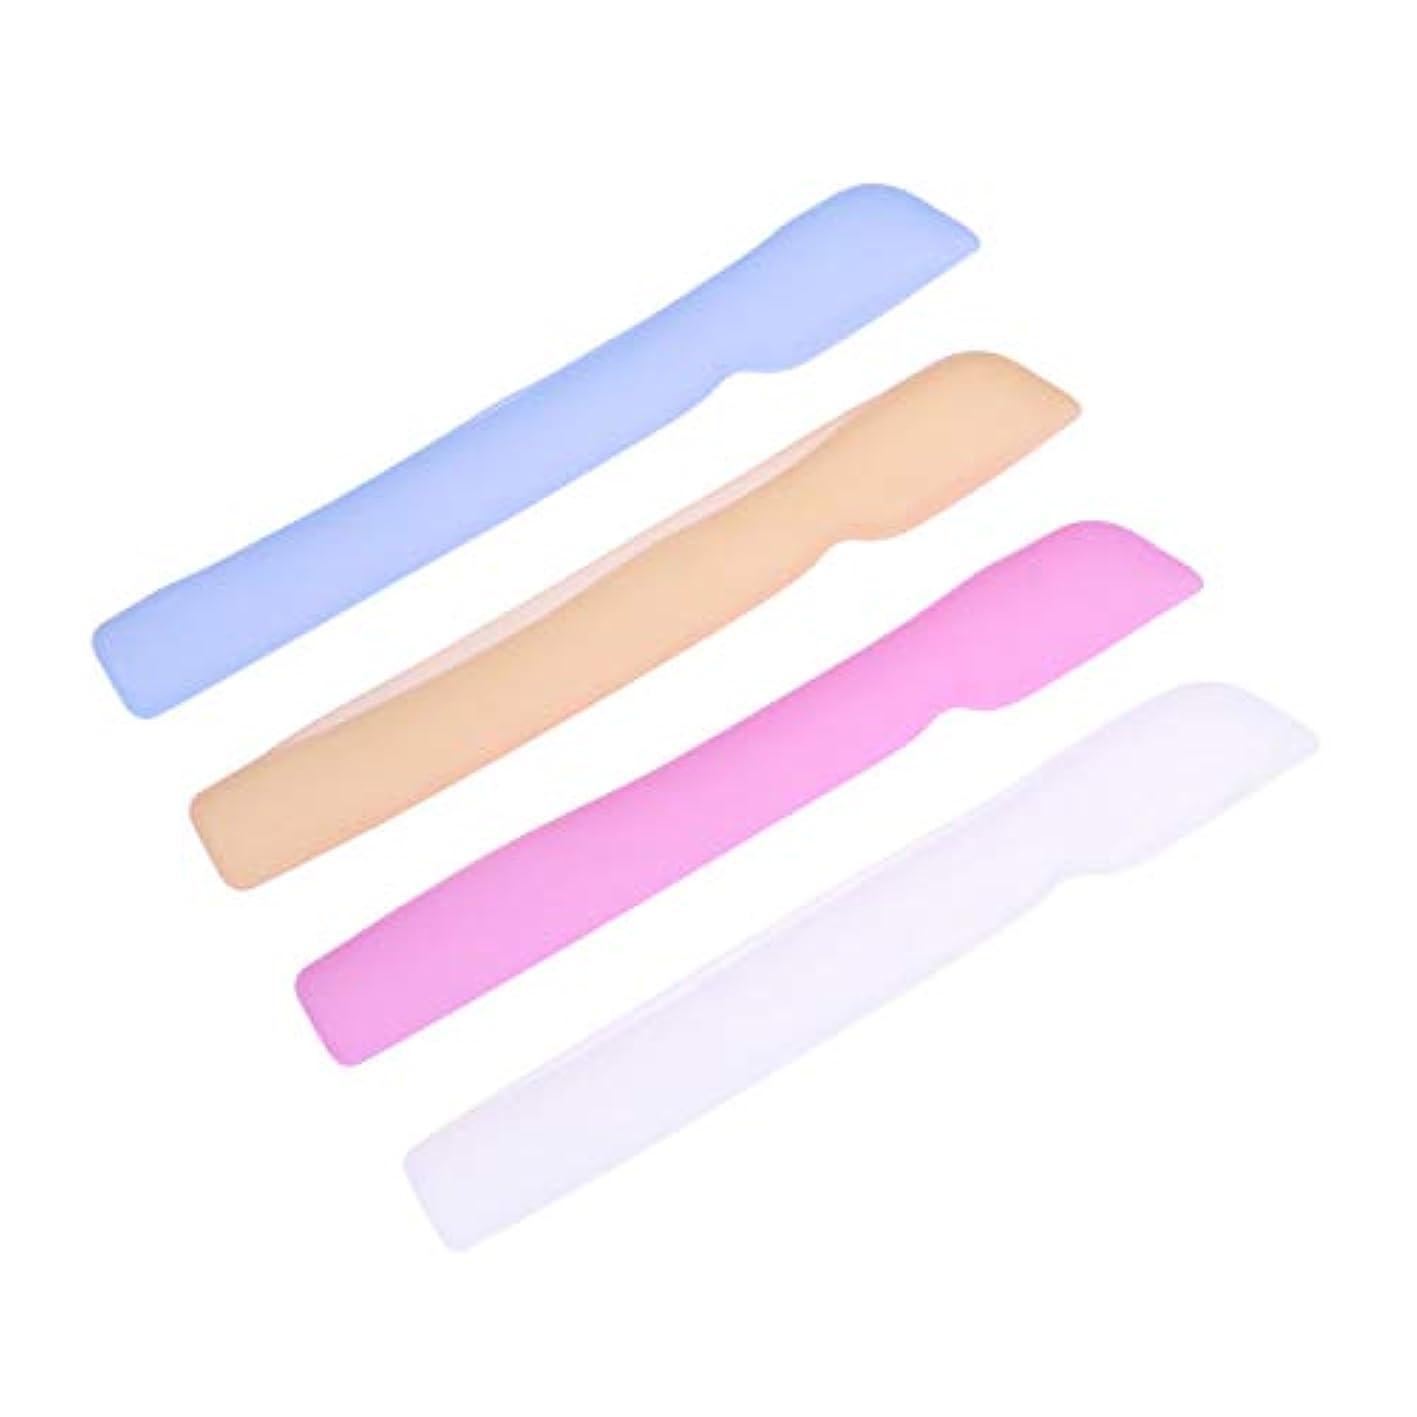 比類なき平等背が高いHEALLILYシリコン歯ブラシケースカバー歯ブラシ用保護カバー保護ケース用4本(ブルー+ピンク+ライトイエロー+ホワイト)